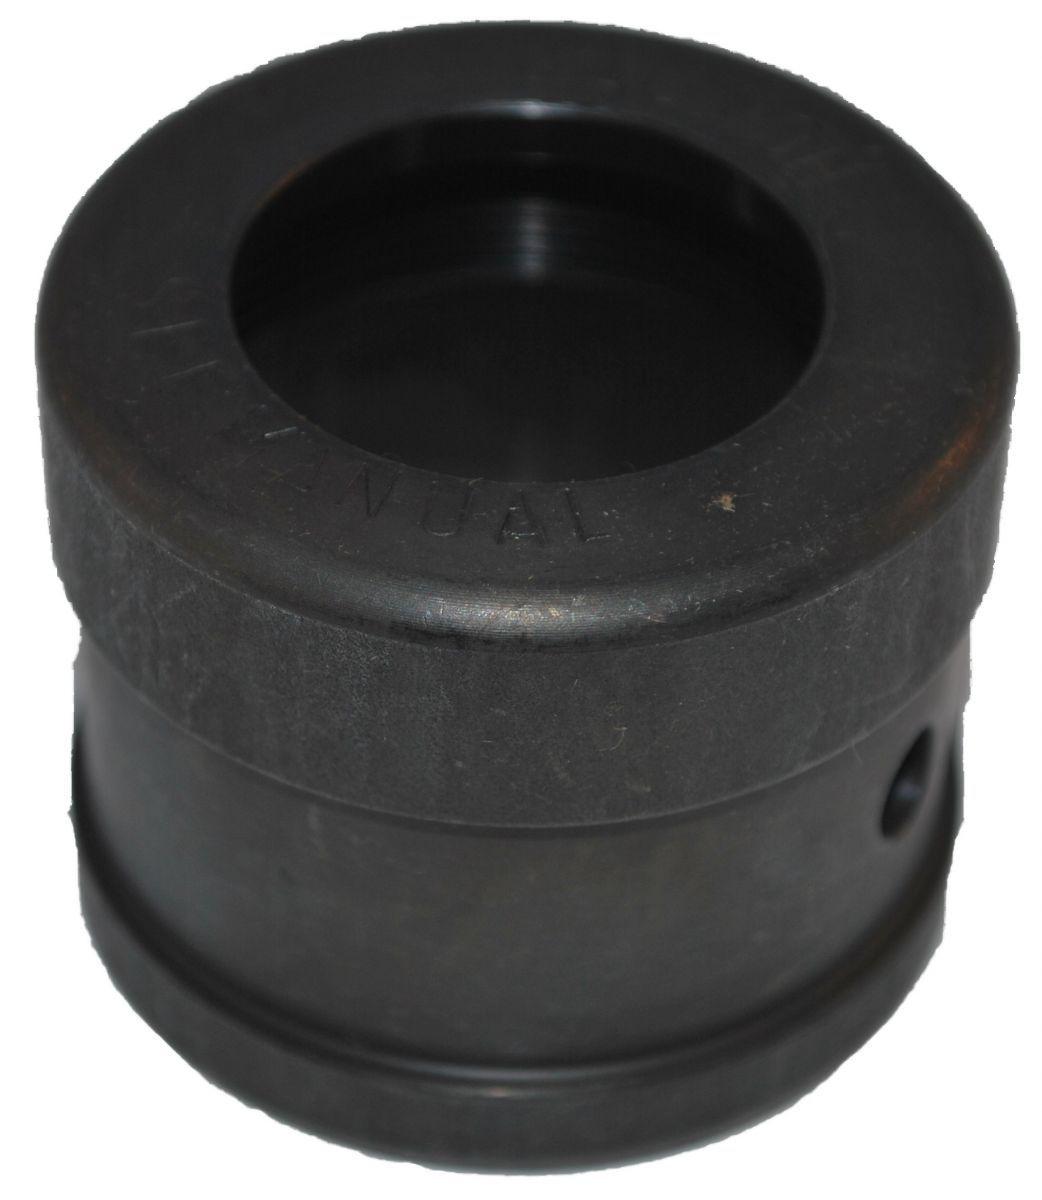 von arx np34 cover cap